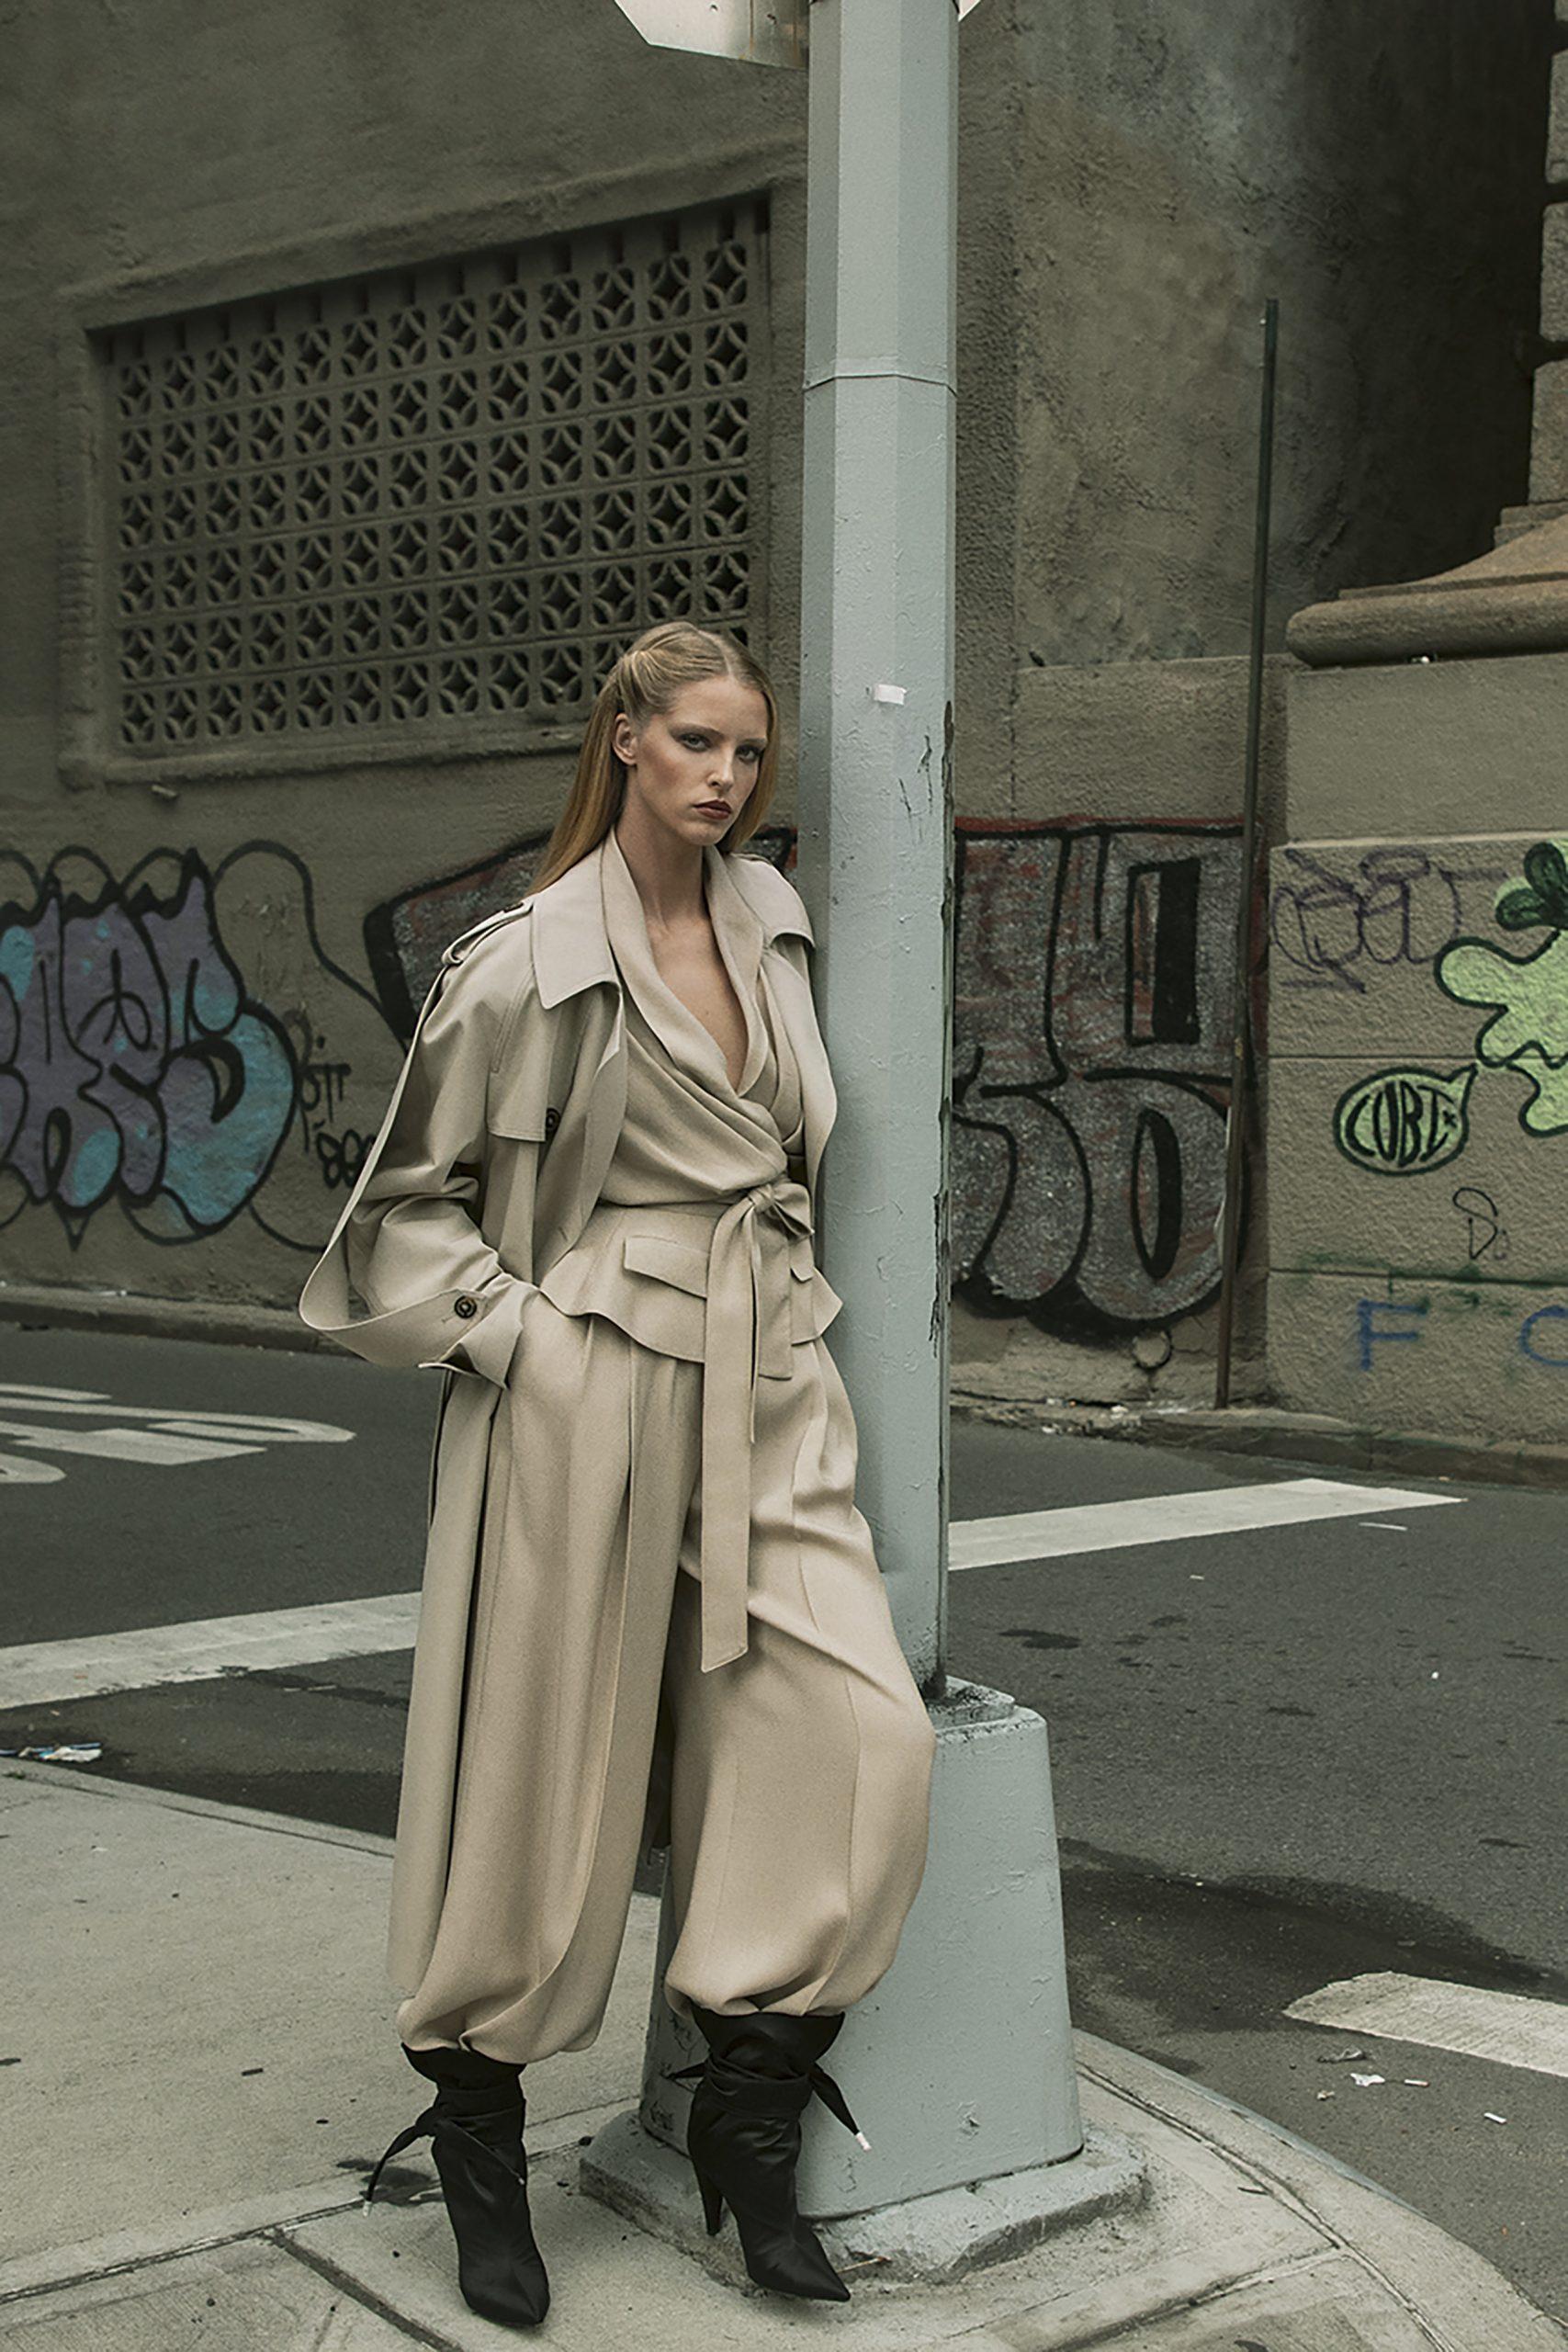 1. kép: Párizsi Divathét - Alexandre Vauthier - 2021 tavasz-nyár - ready to wear